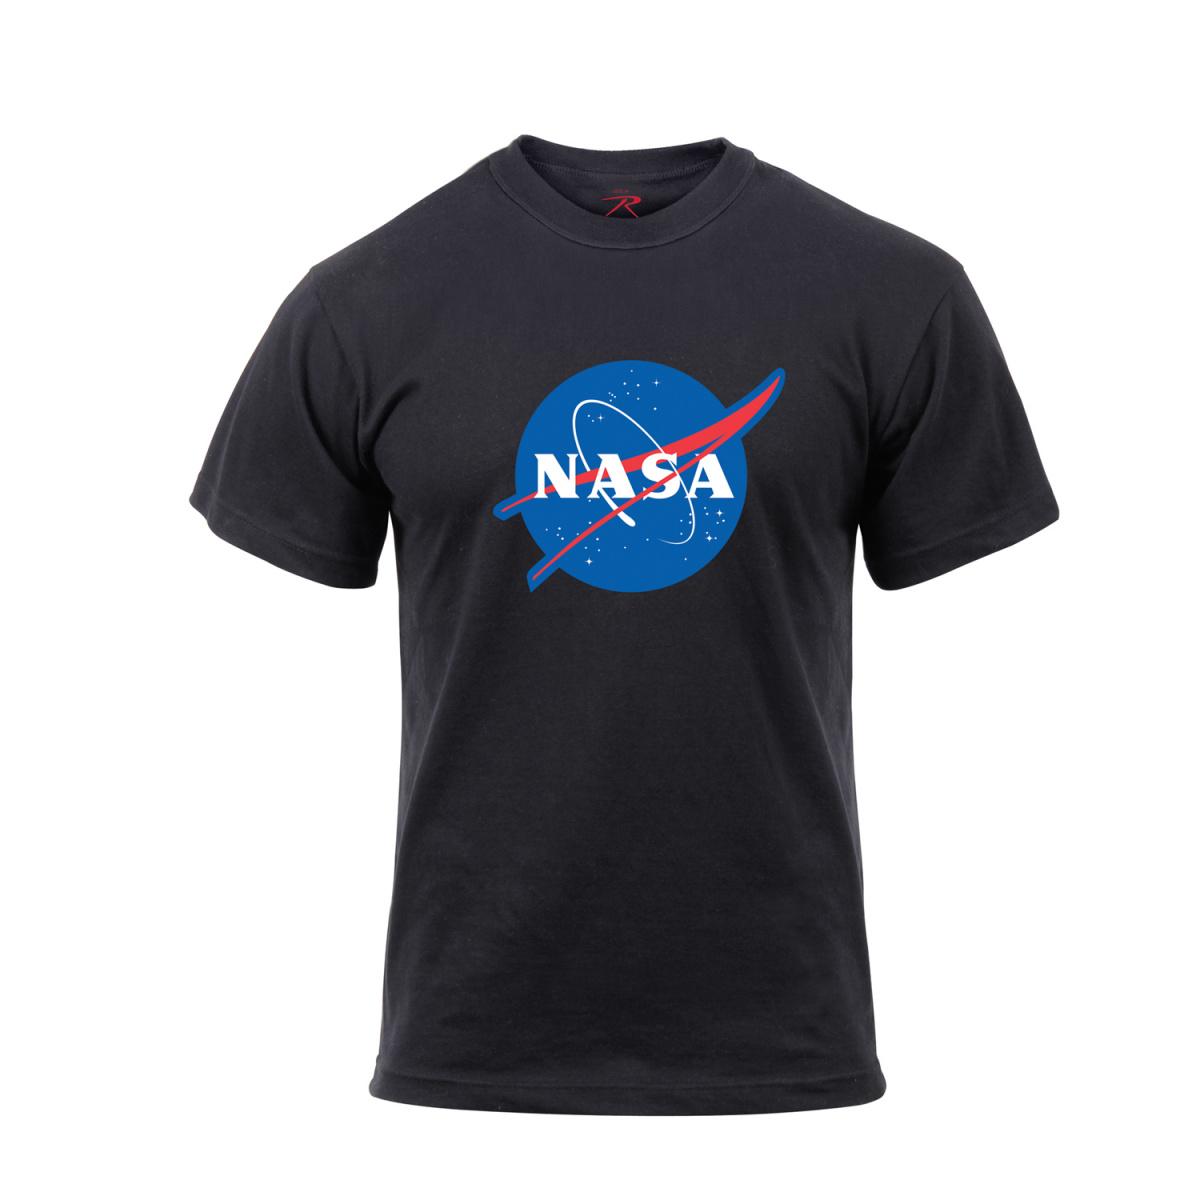 Triko se znakem NASA ČERNÉ - ROTHCO - Army shop armytrade.cz 962fe97fcb